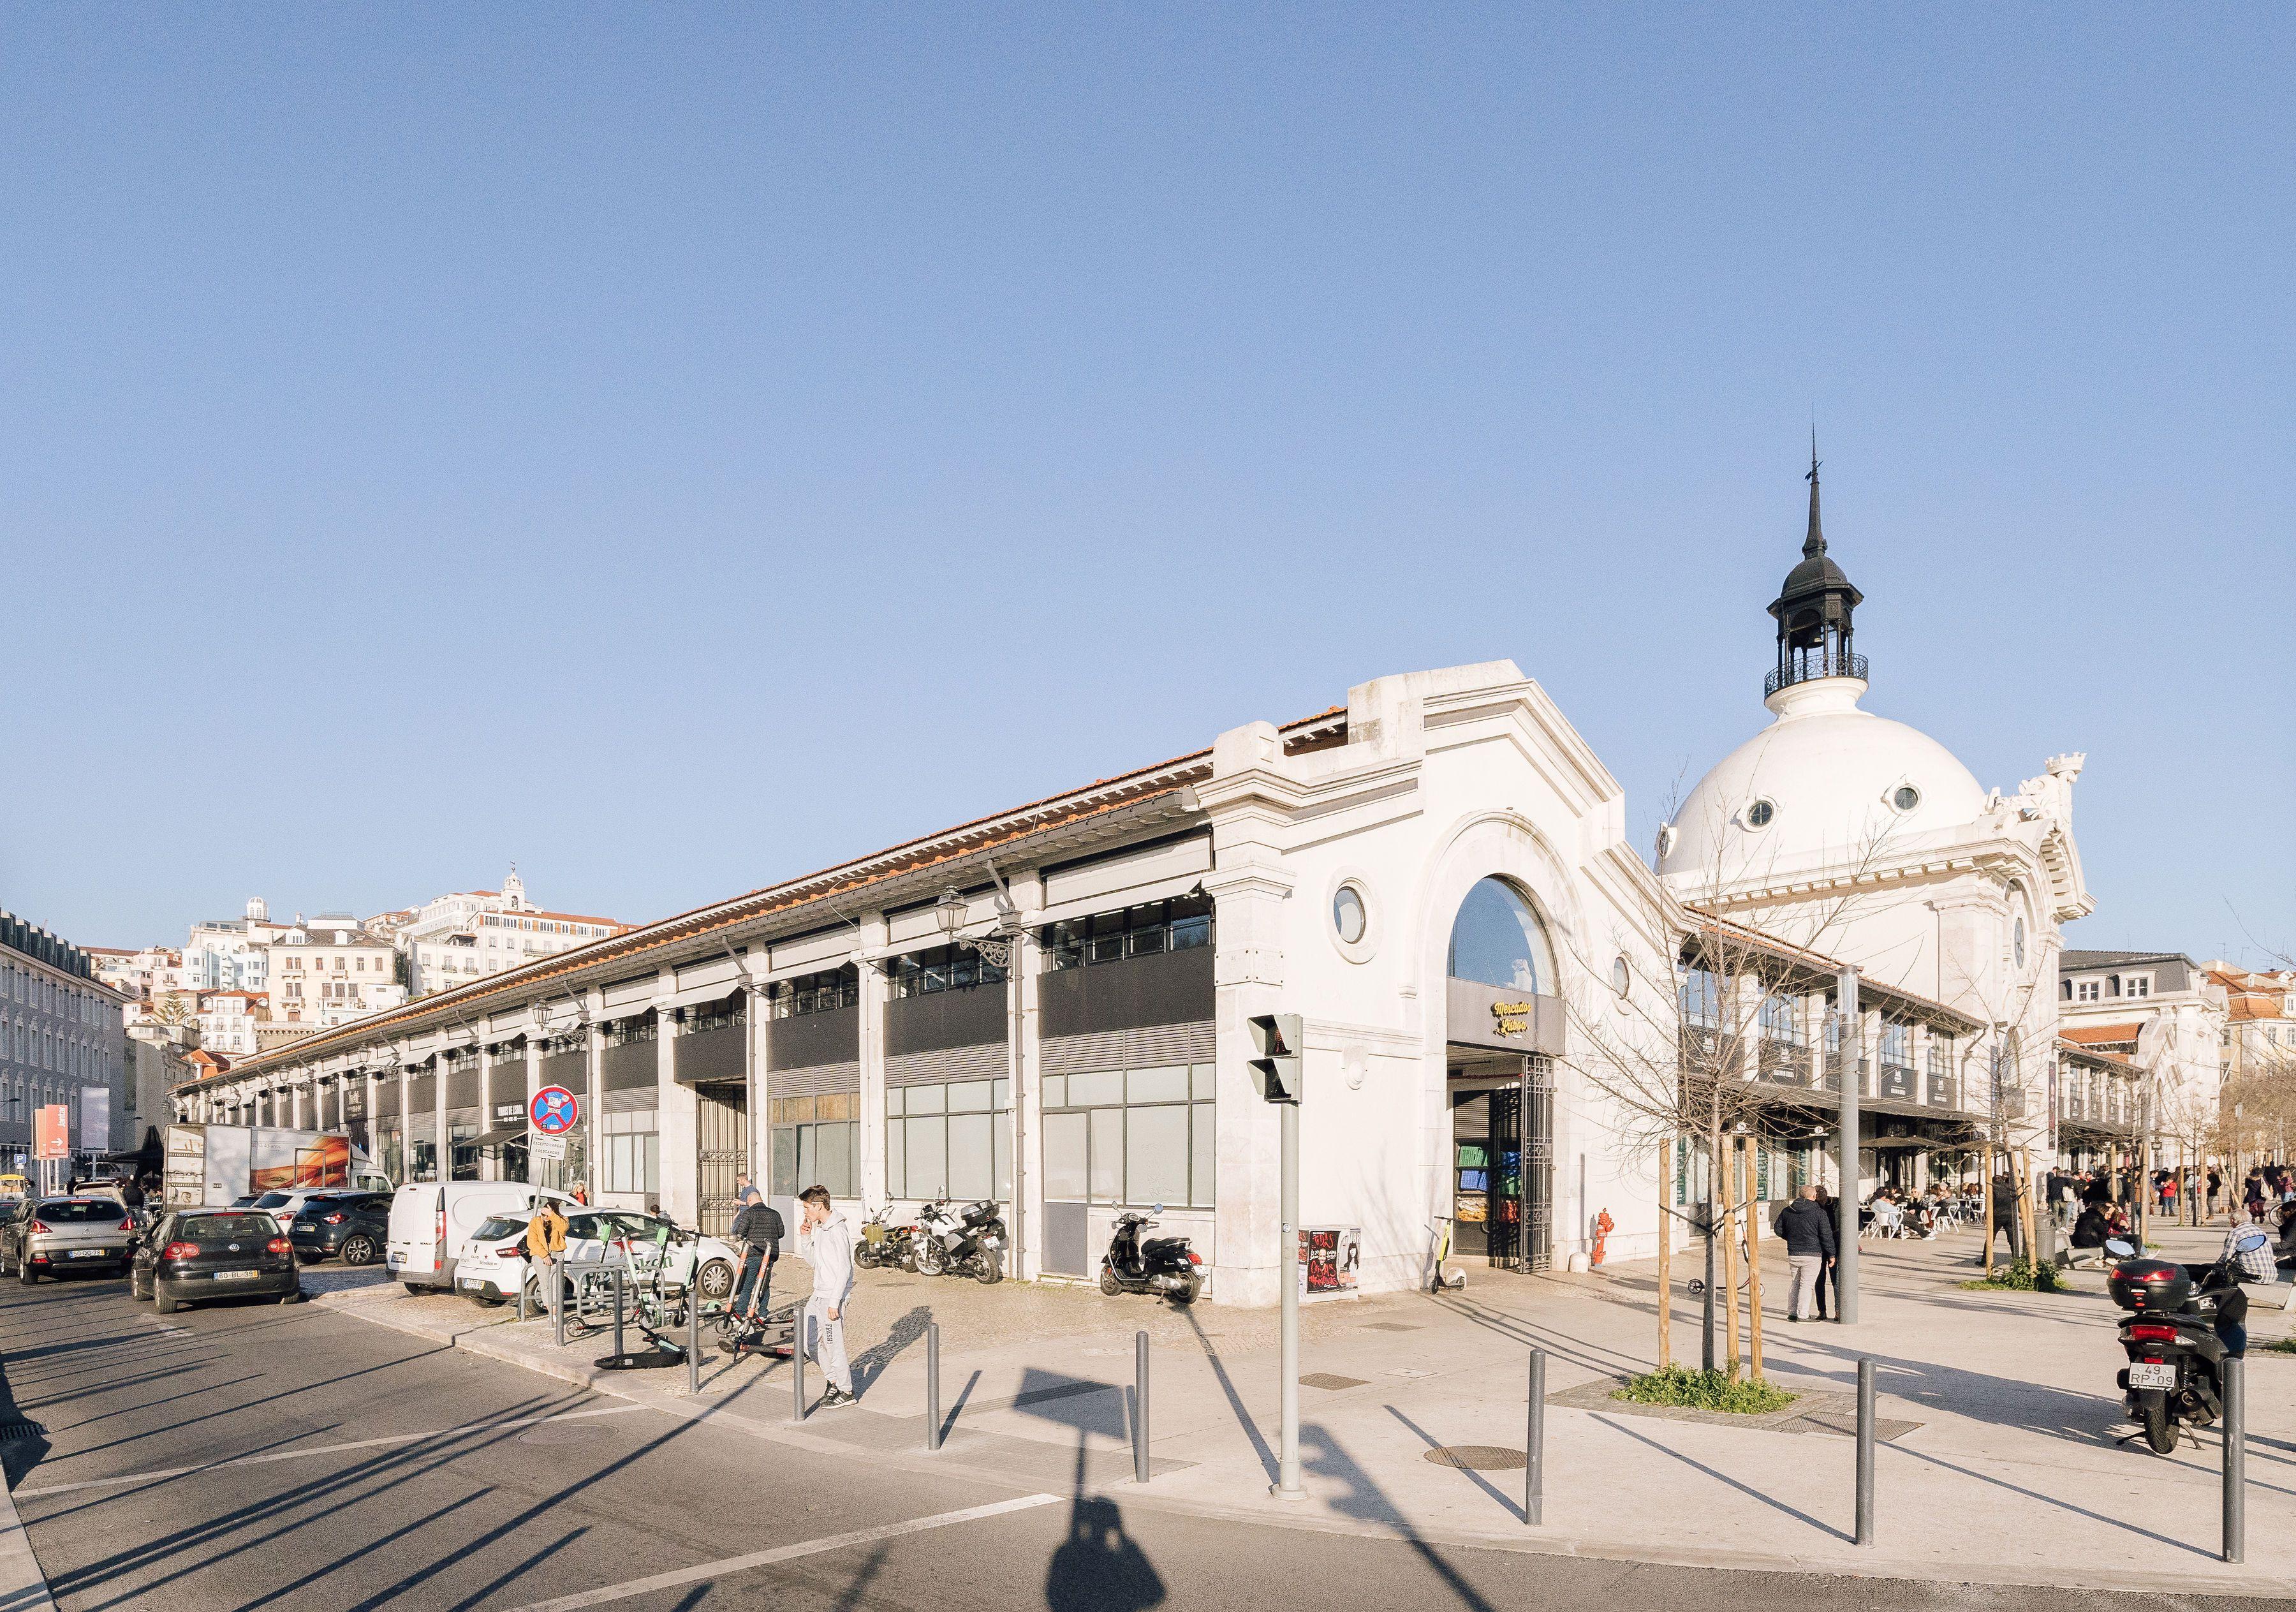 The Top 8 Attractions in Lisbon's Baixa Neighborhood